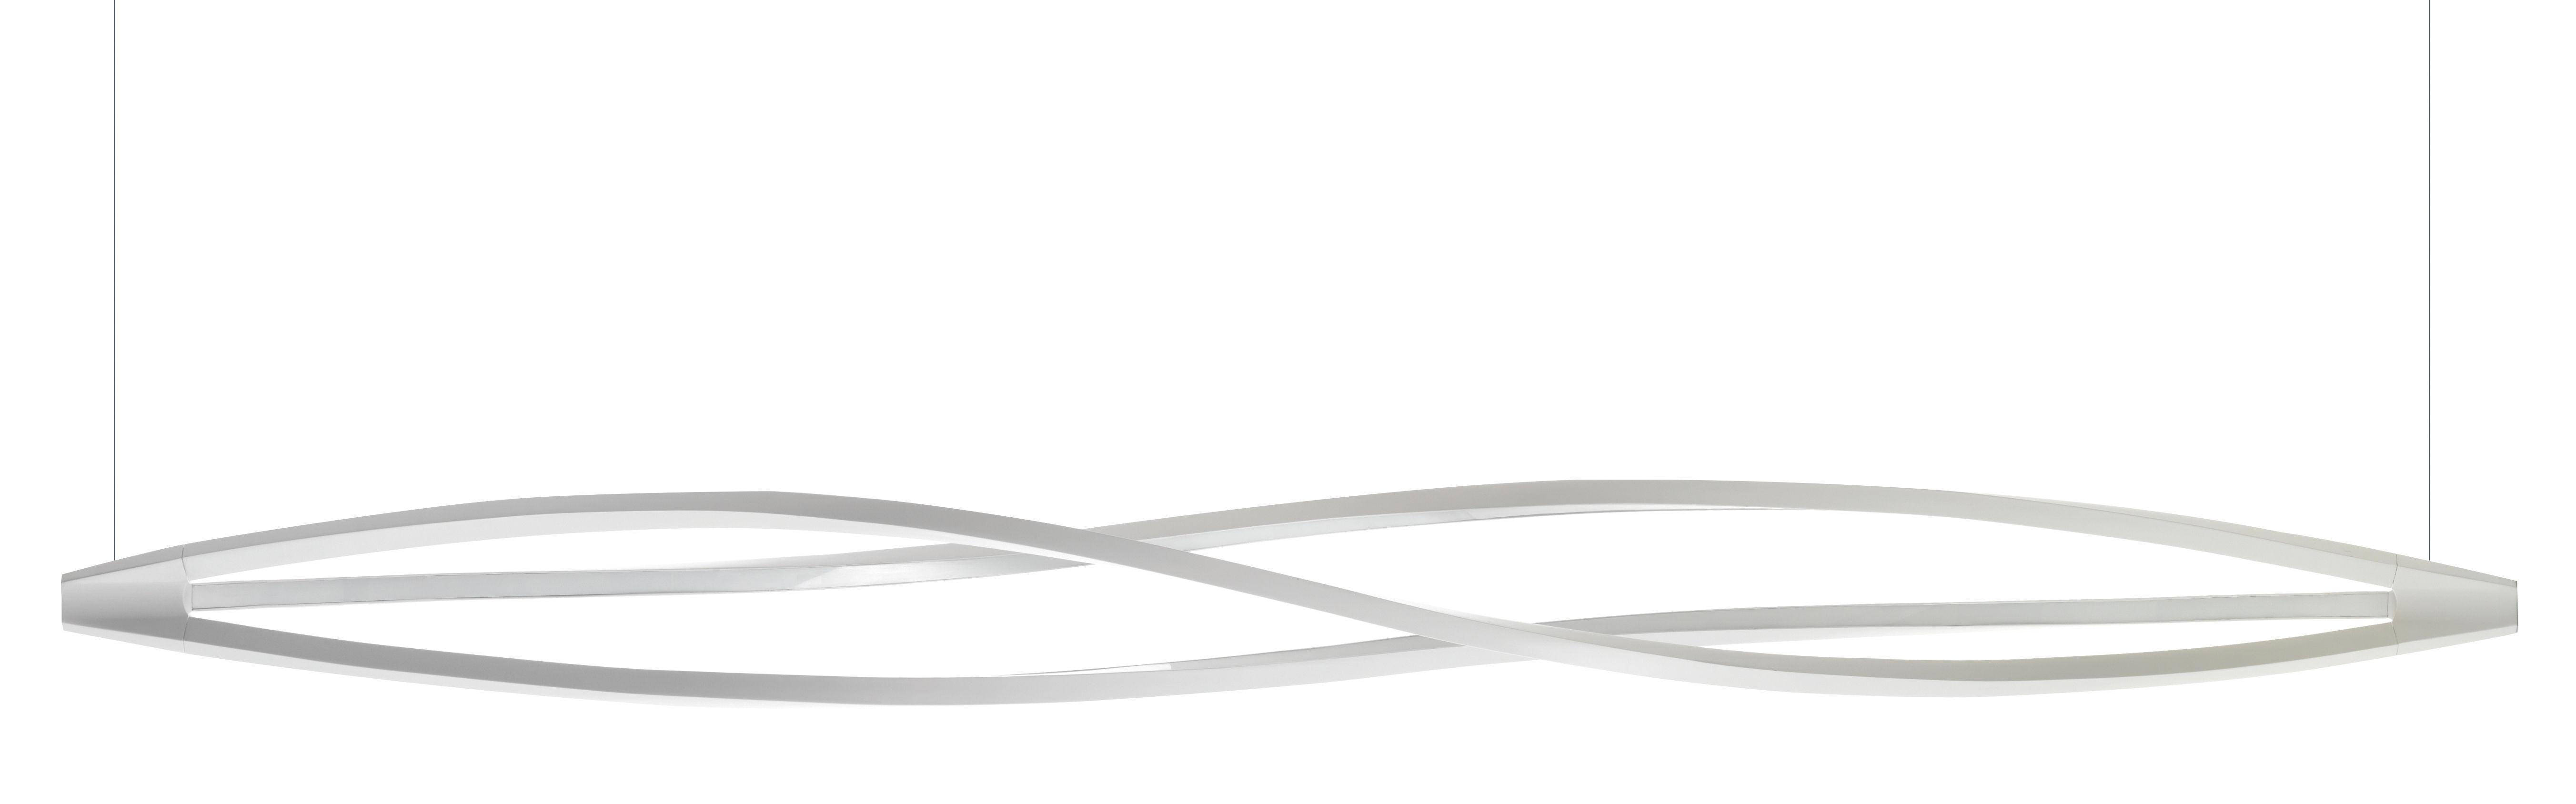 Illuminazione - Lampadari - Sospensione In the wind - LED / Orizzontale - L 183 cm di Nemo - Orizzontale - Bianco - alluminio estruso, Metacrilato